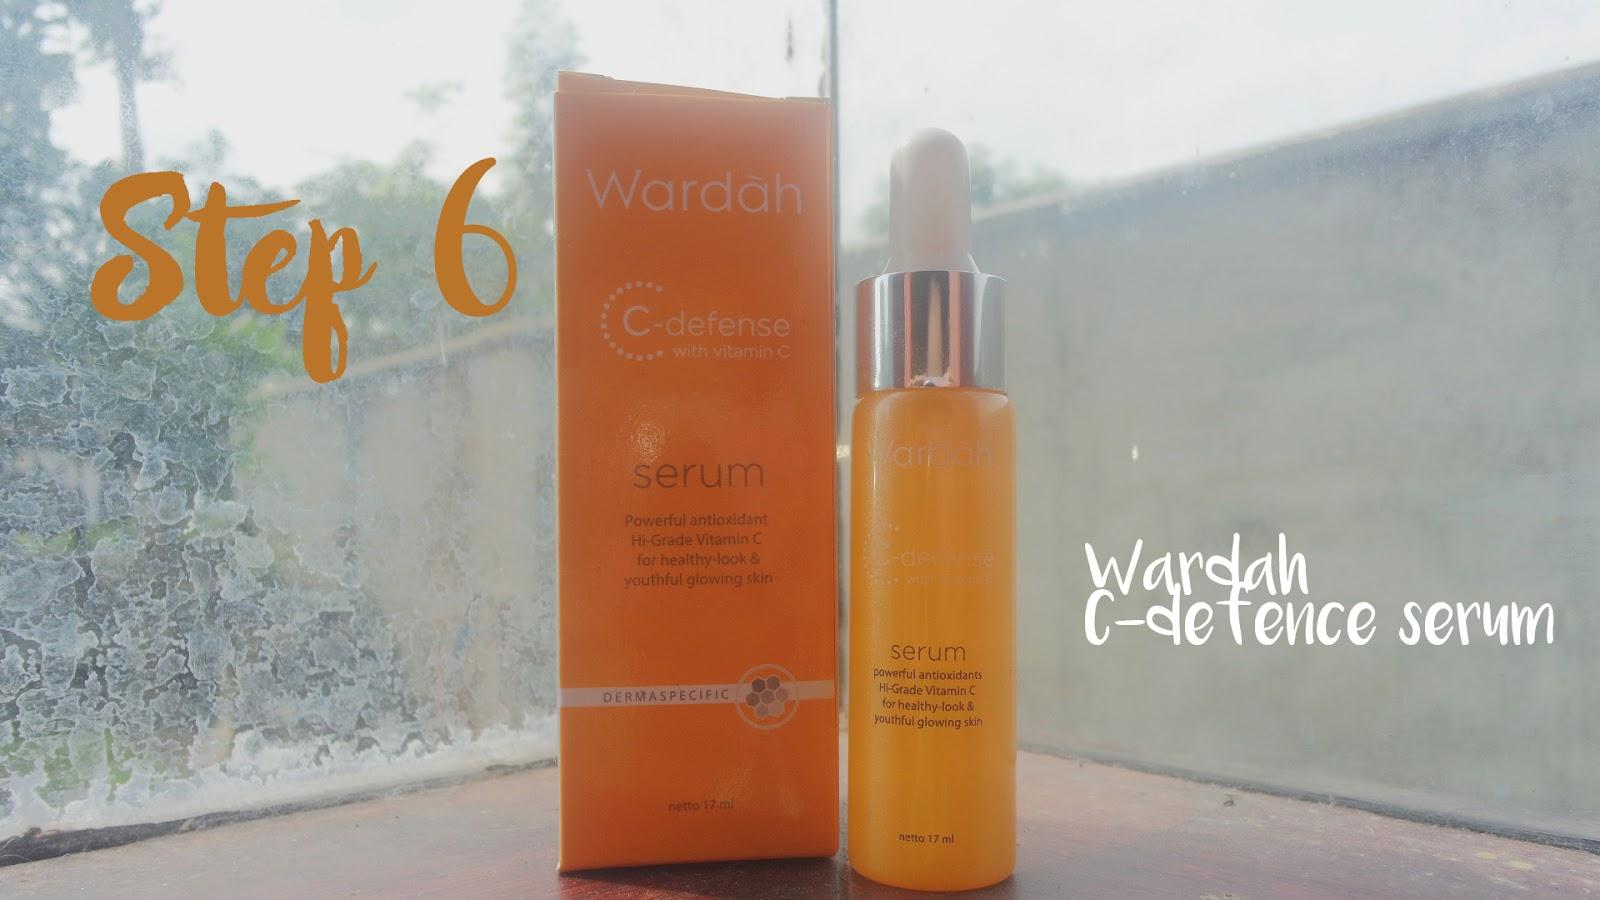 Daily Skincare Routine Windars Wardah C Defence Serum Treatment Yang Terakhir Ini Adalah Bagian Penting Kunci Dari Kecantikan Kulit Wajah Cieelah